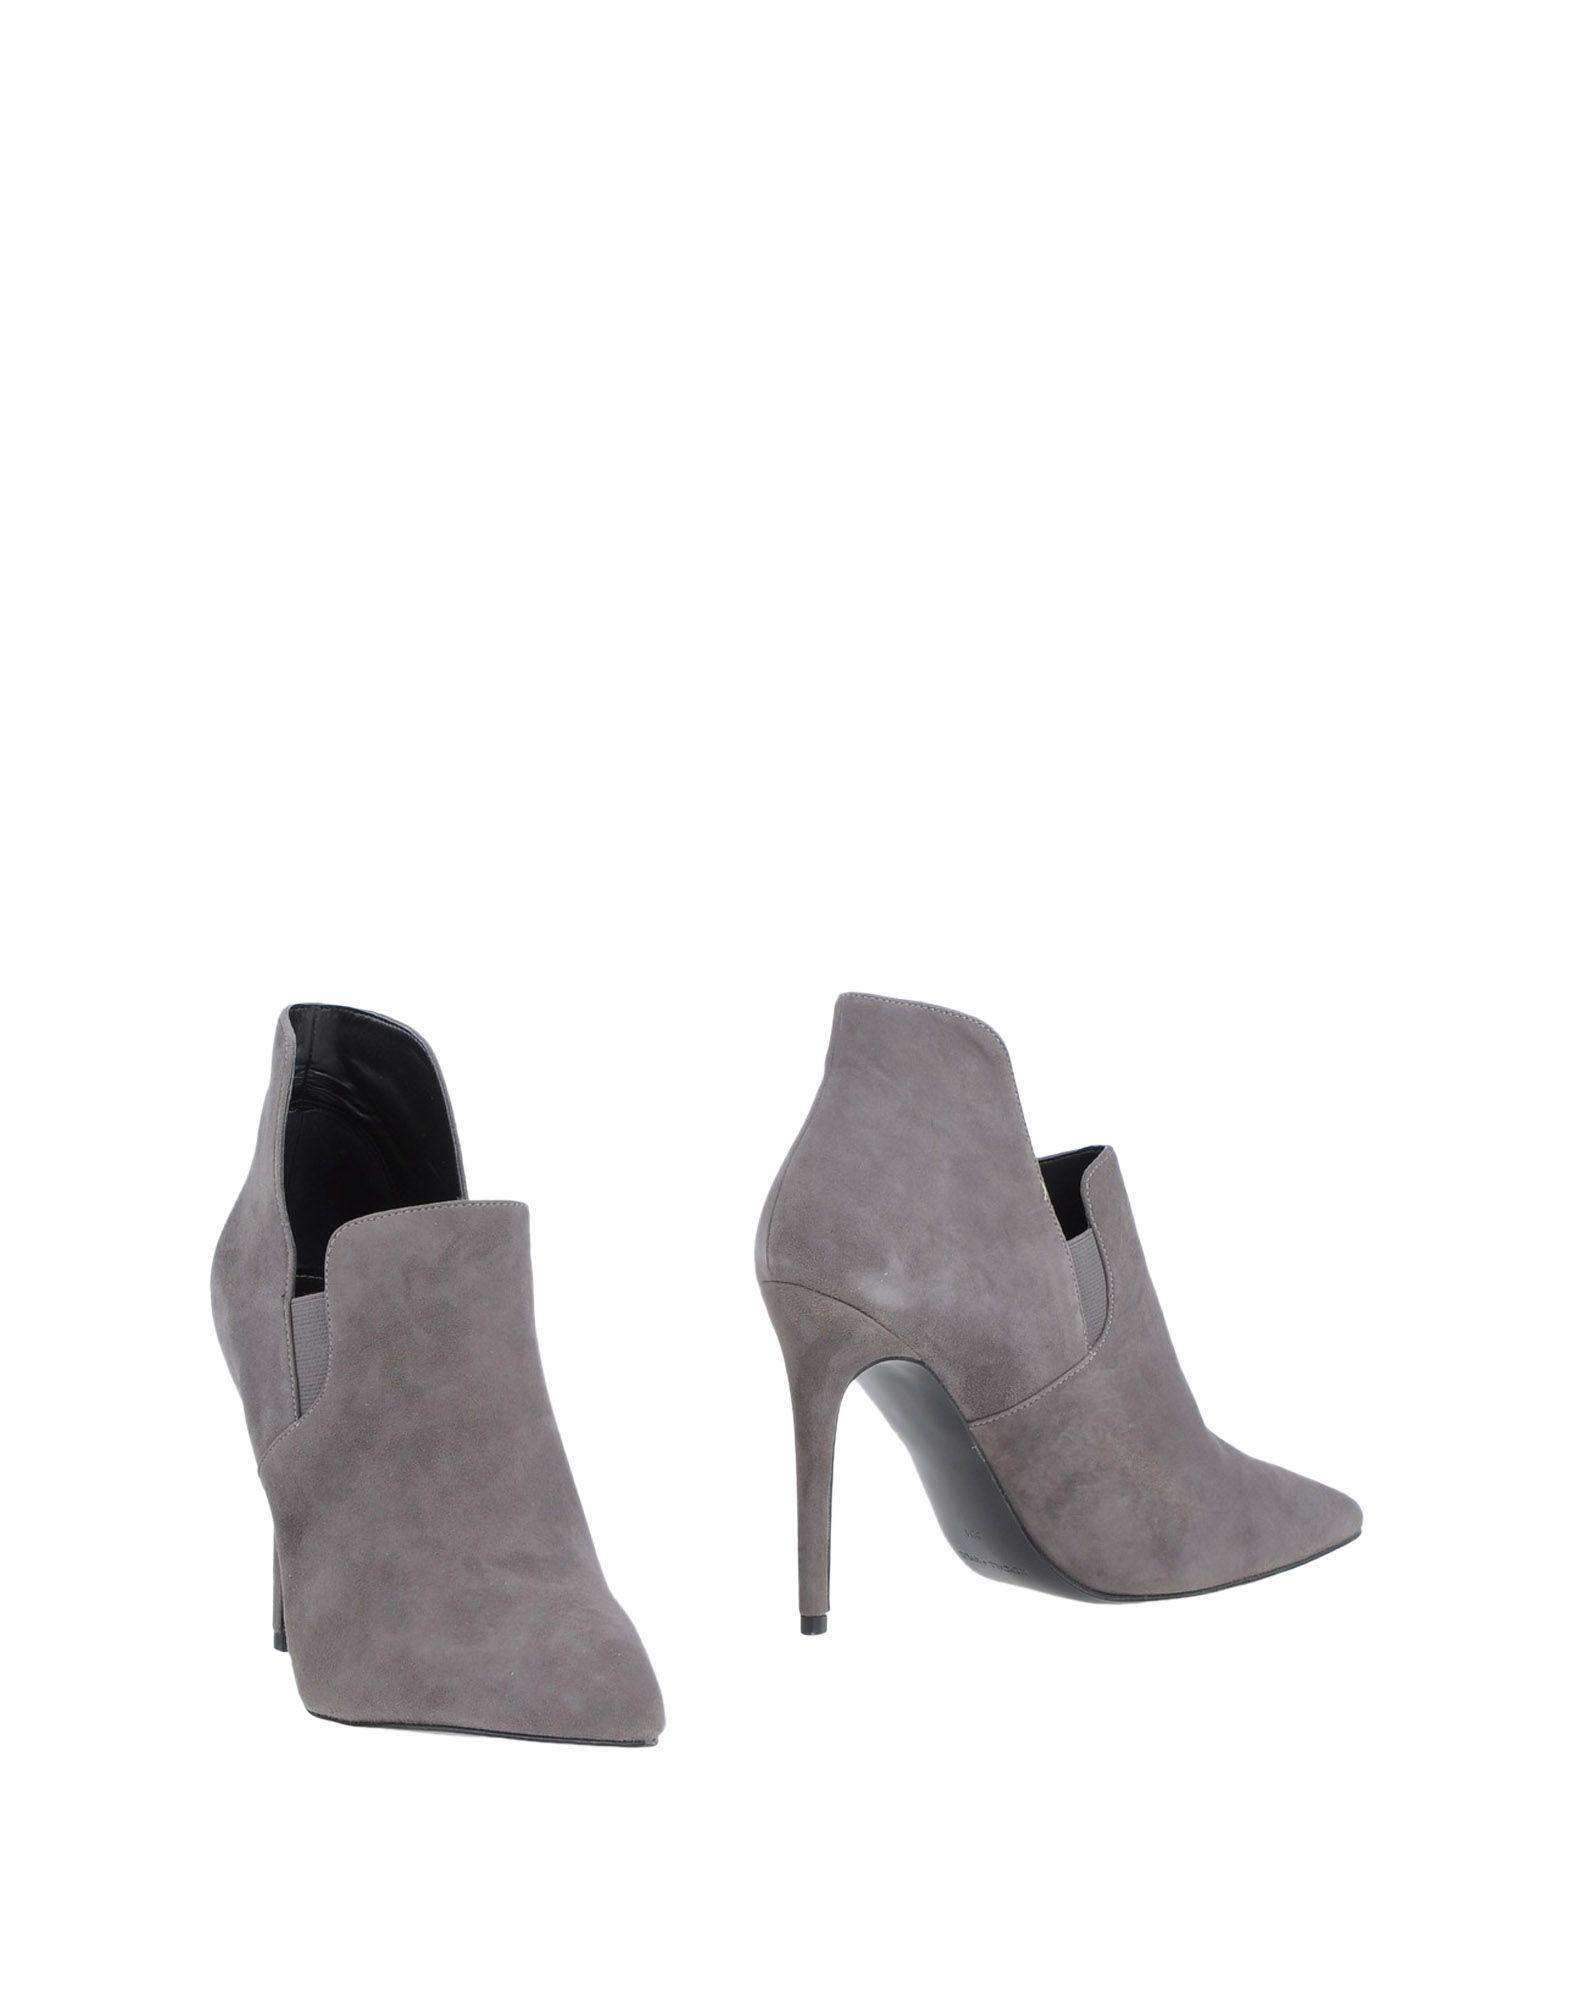 Kendall + Kylie Stiefelette Damen  11329714PU Gute Qualität beliebte Schuhe